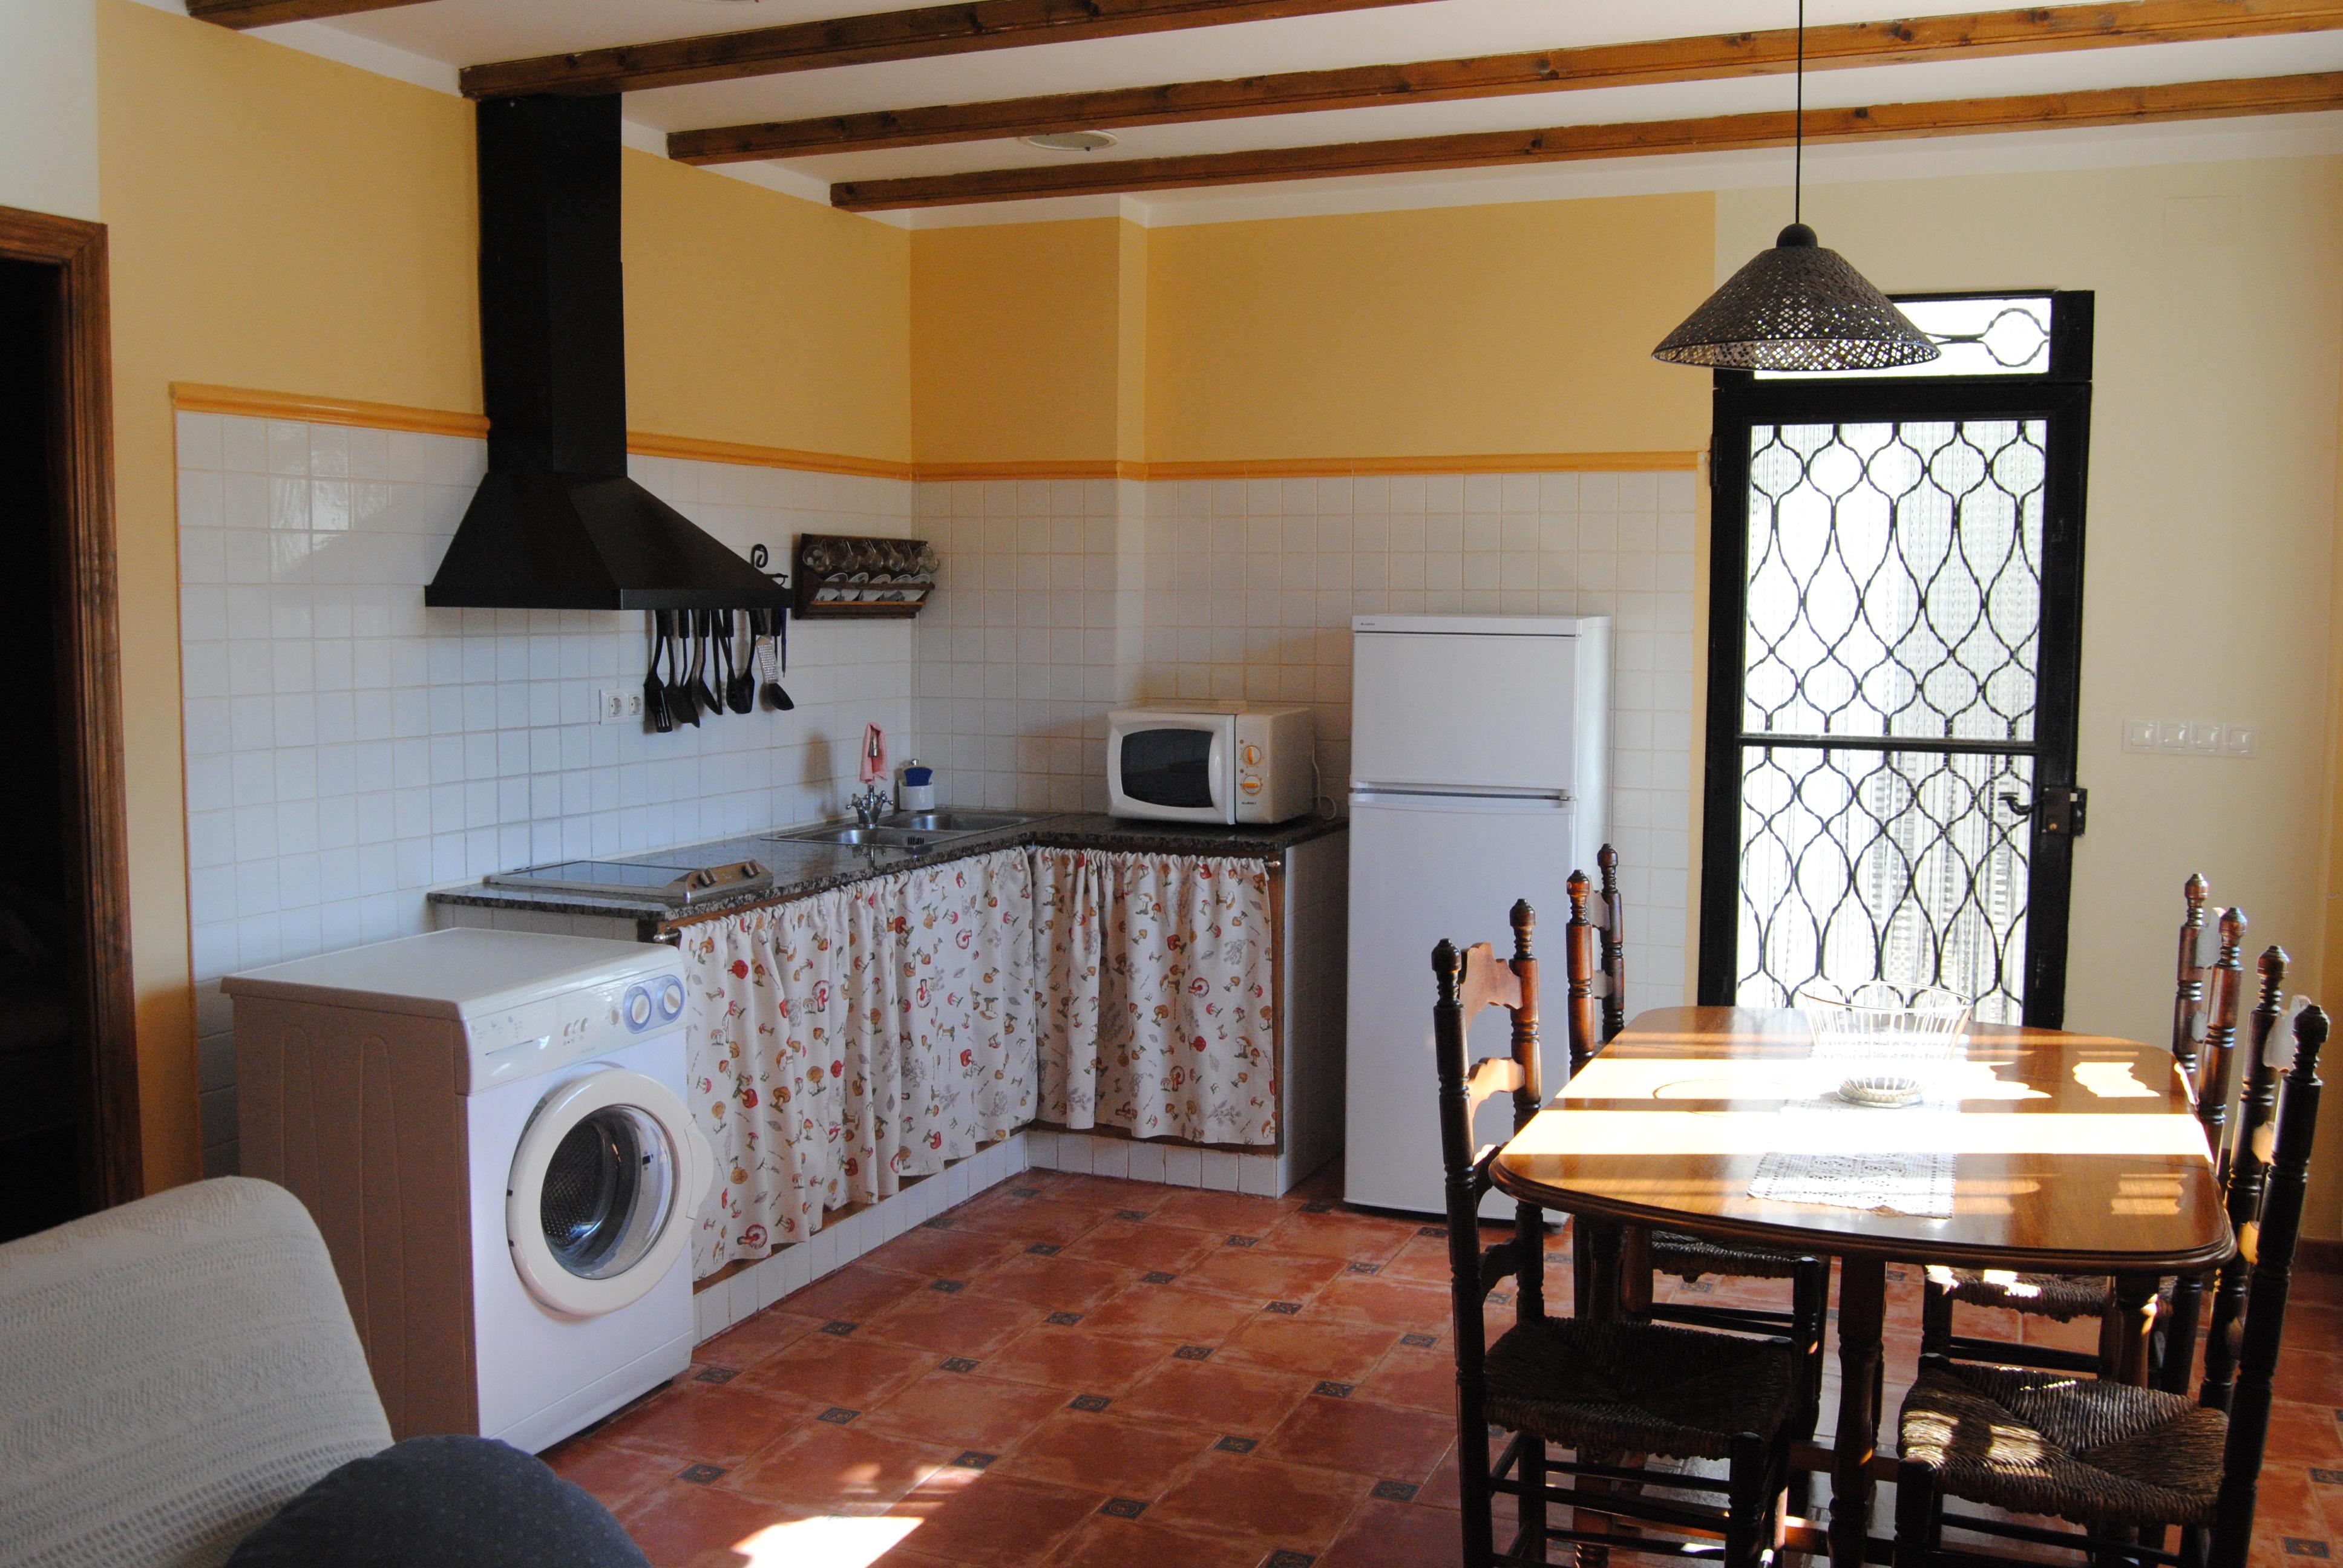 apartamento rural castellon cocina